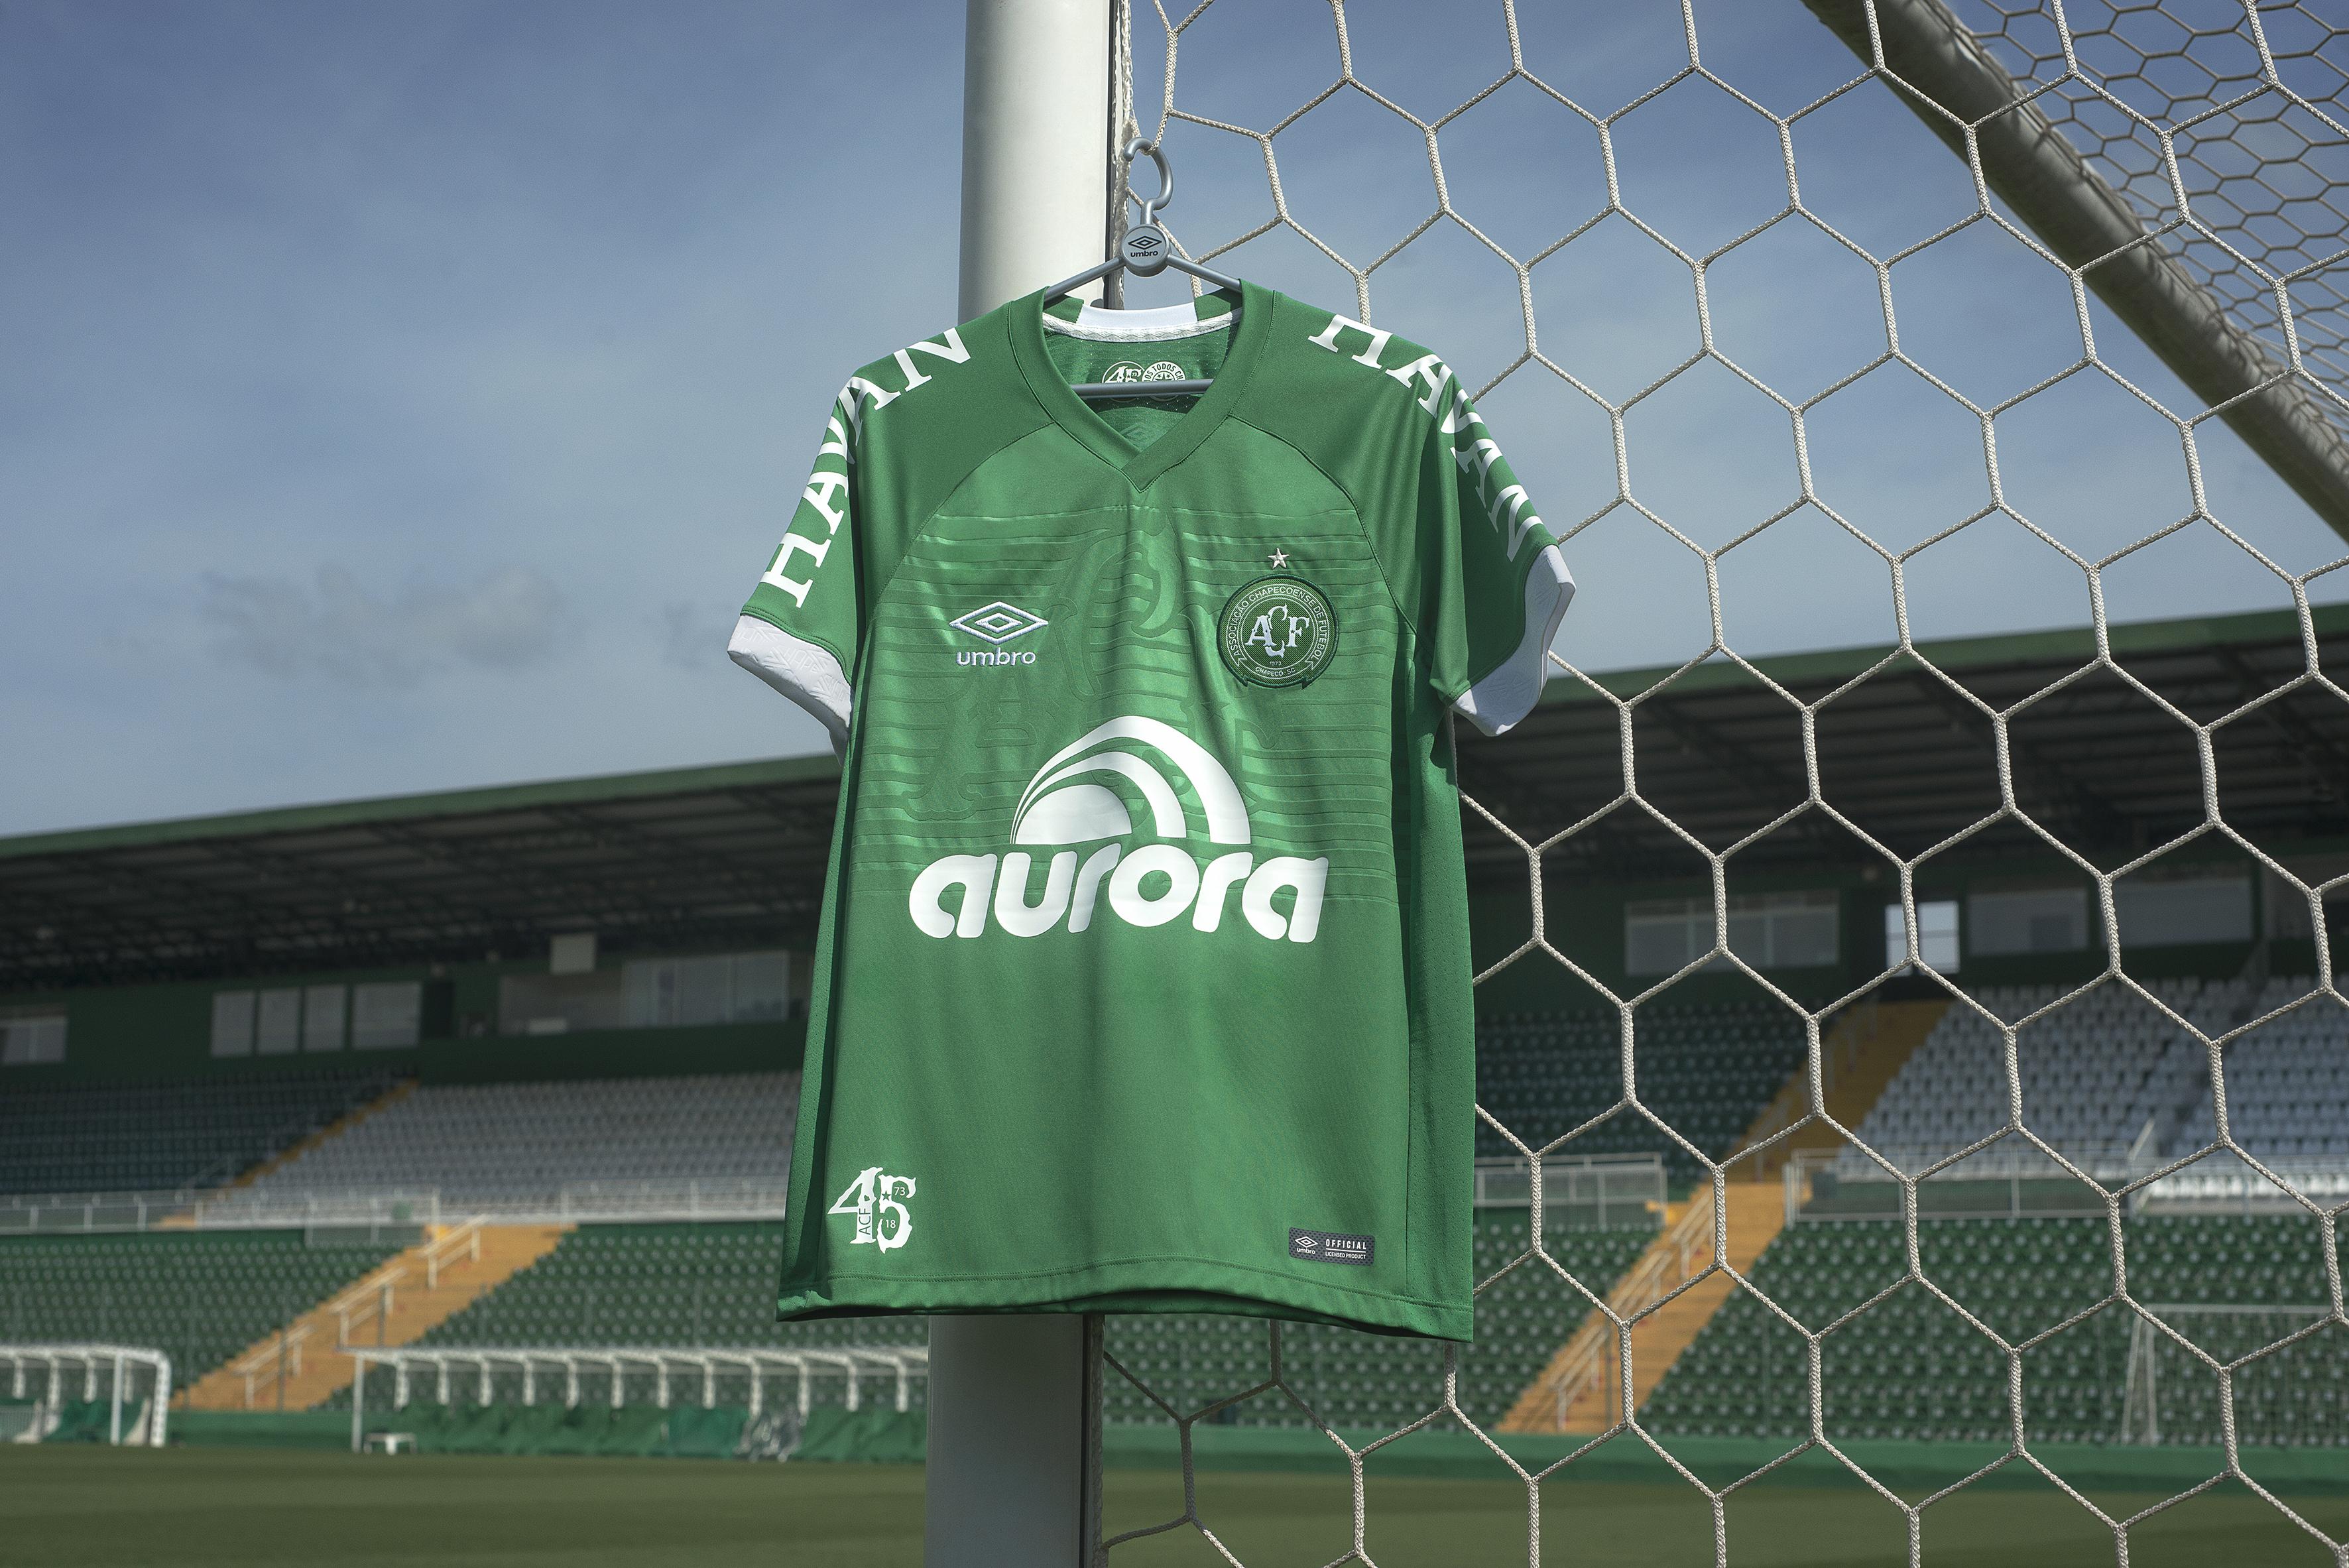 7a890e412821f Nova camisa 1 da Chapecoense homenageia 45 anos do clube